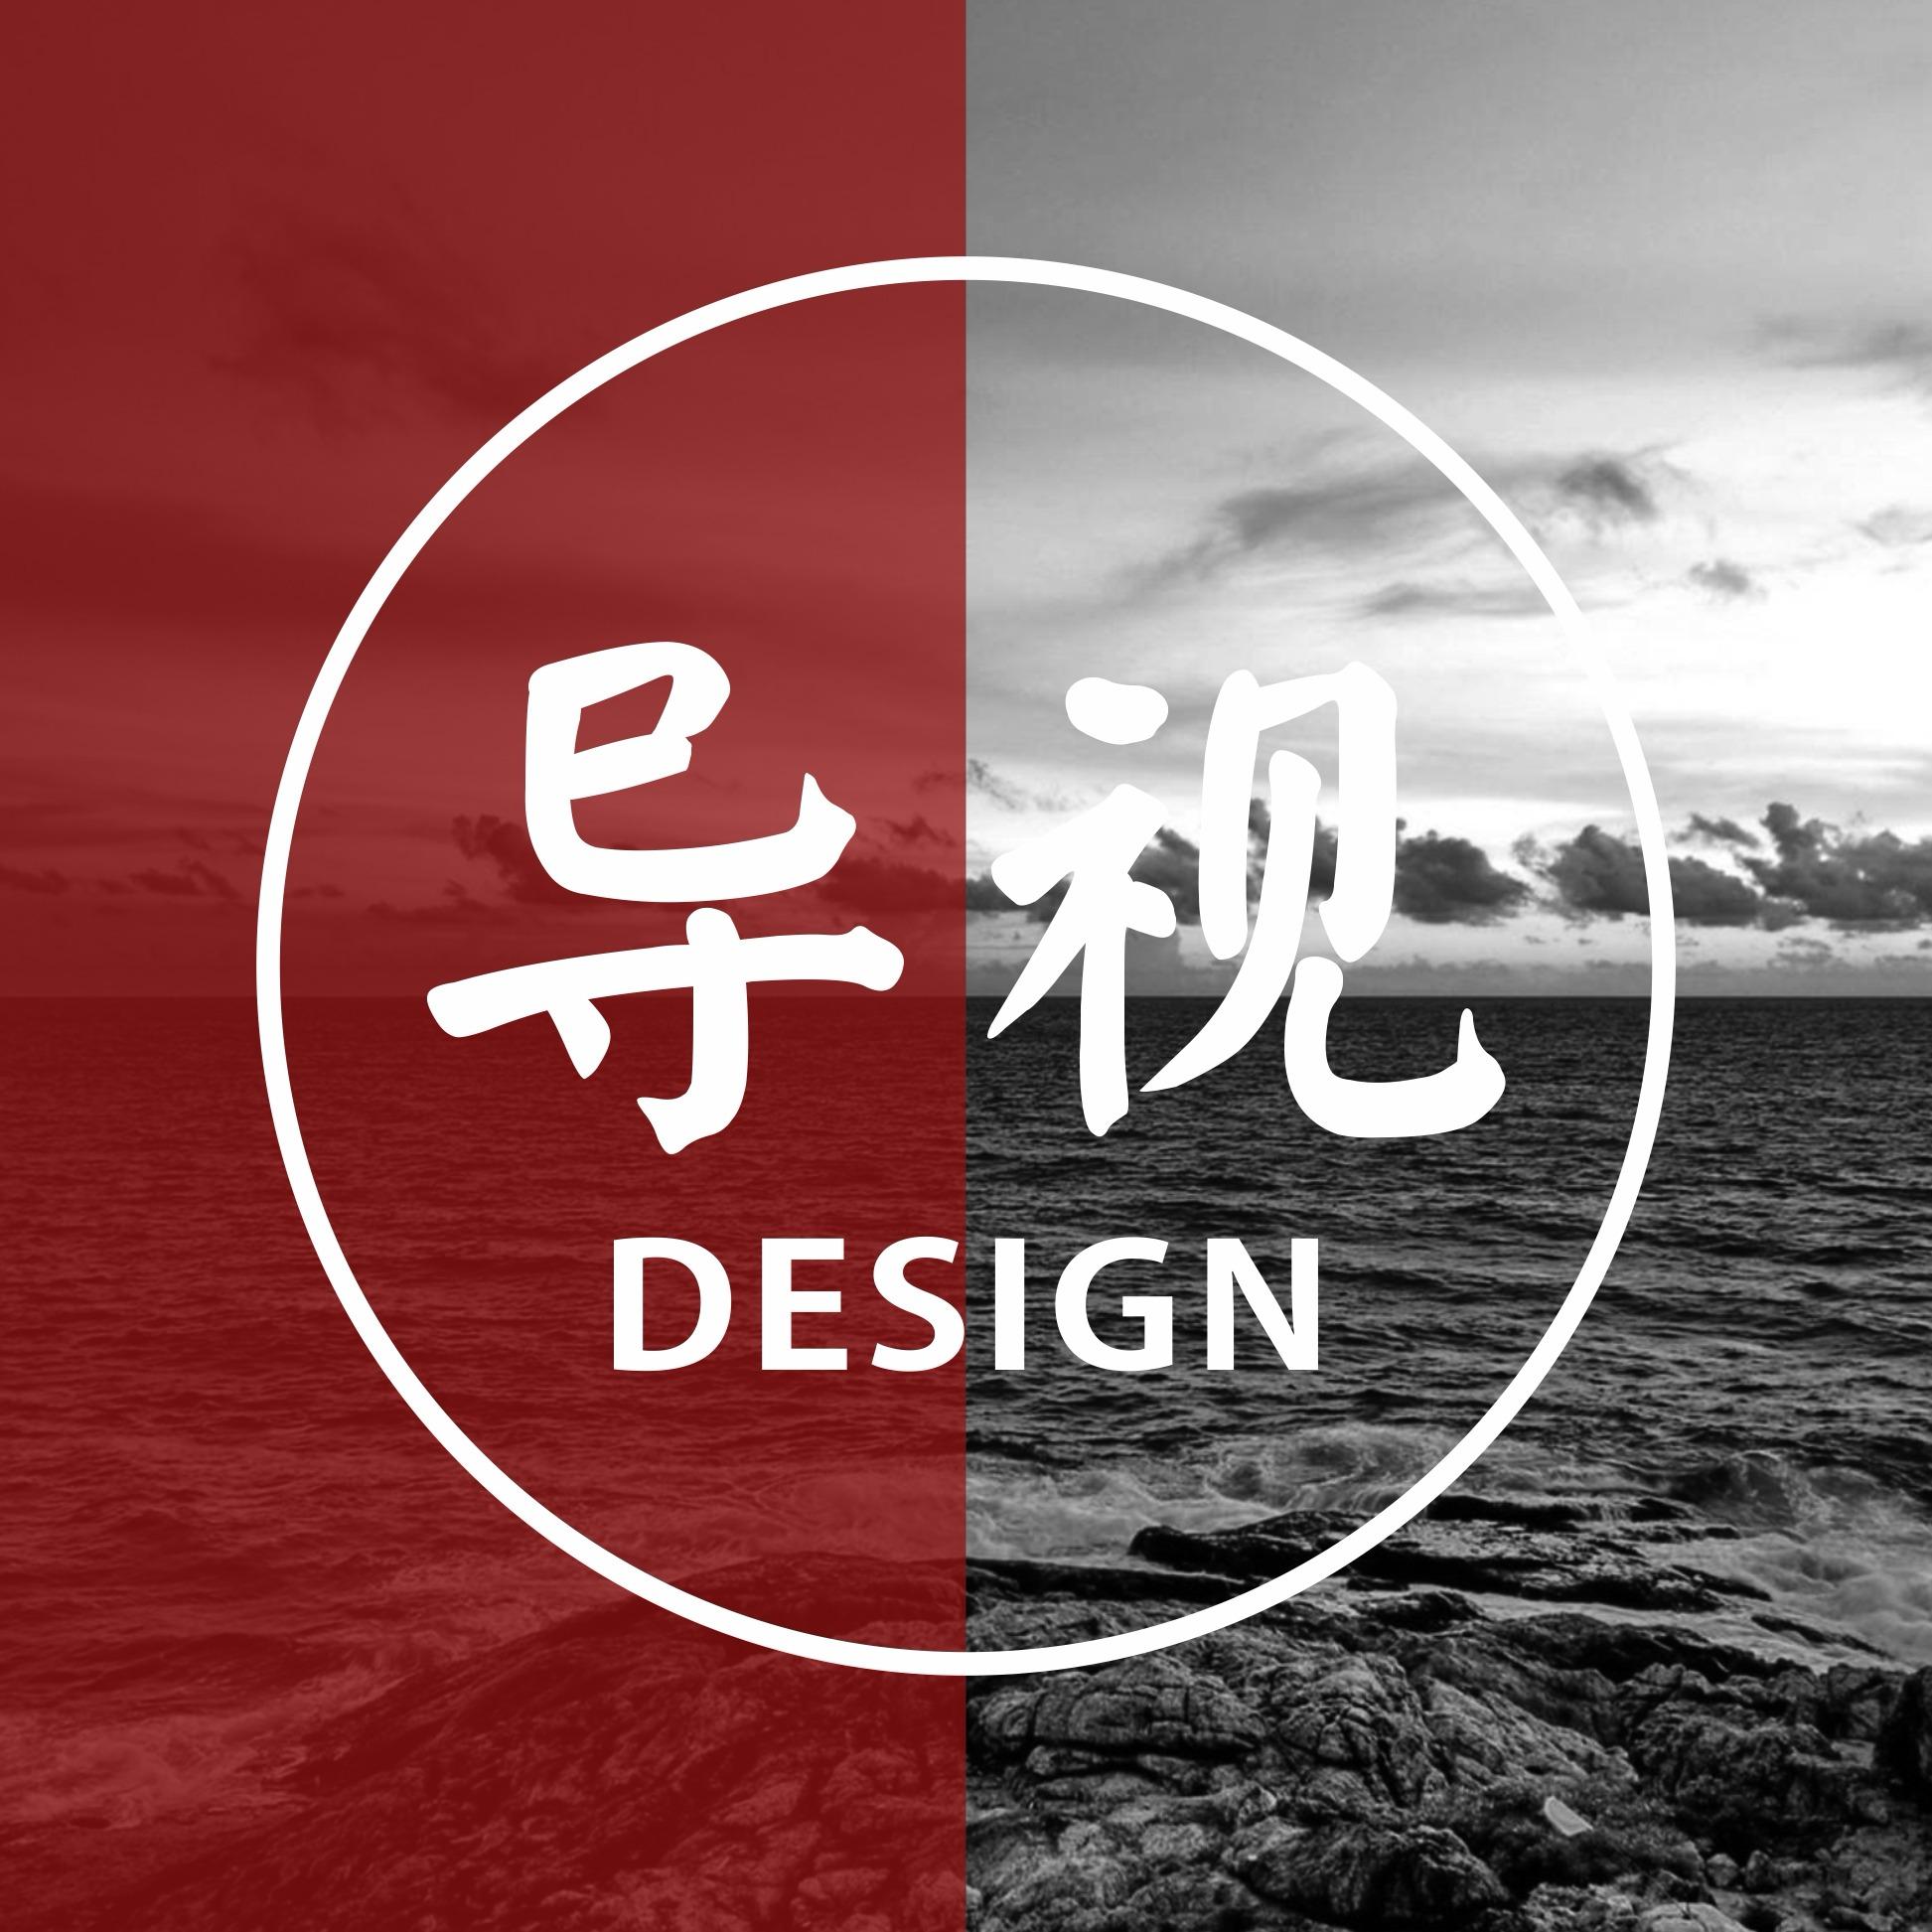 企业导视标识系统 设计